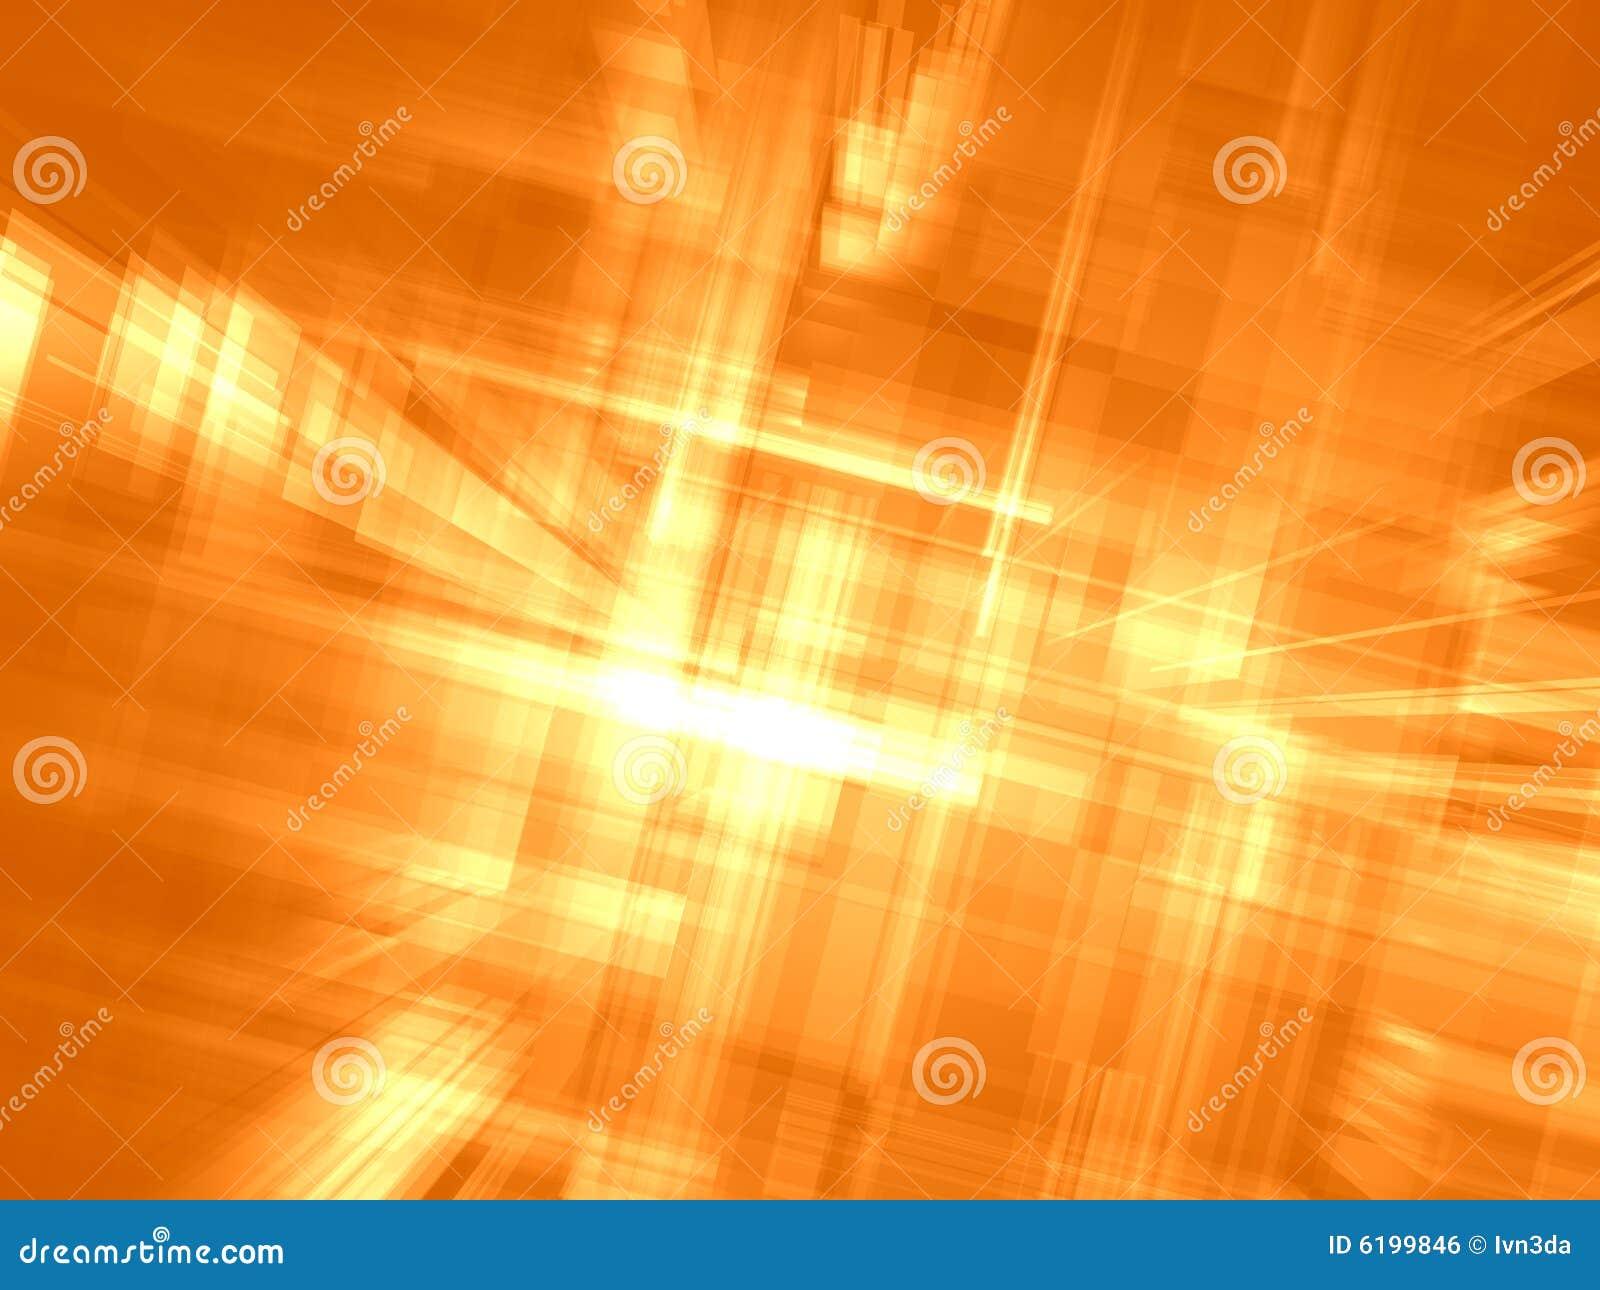 orange background free stock - photo #5